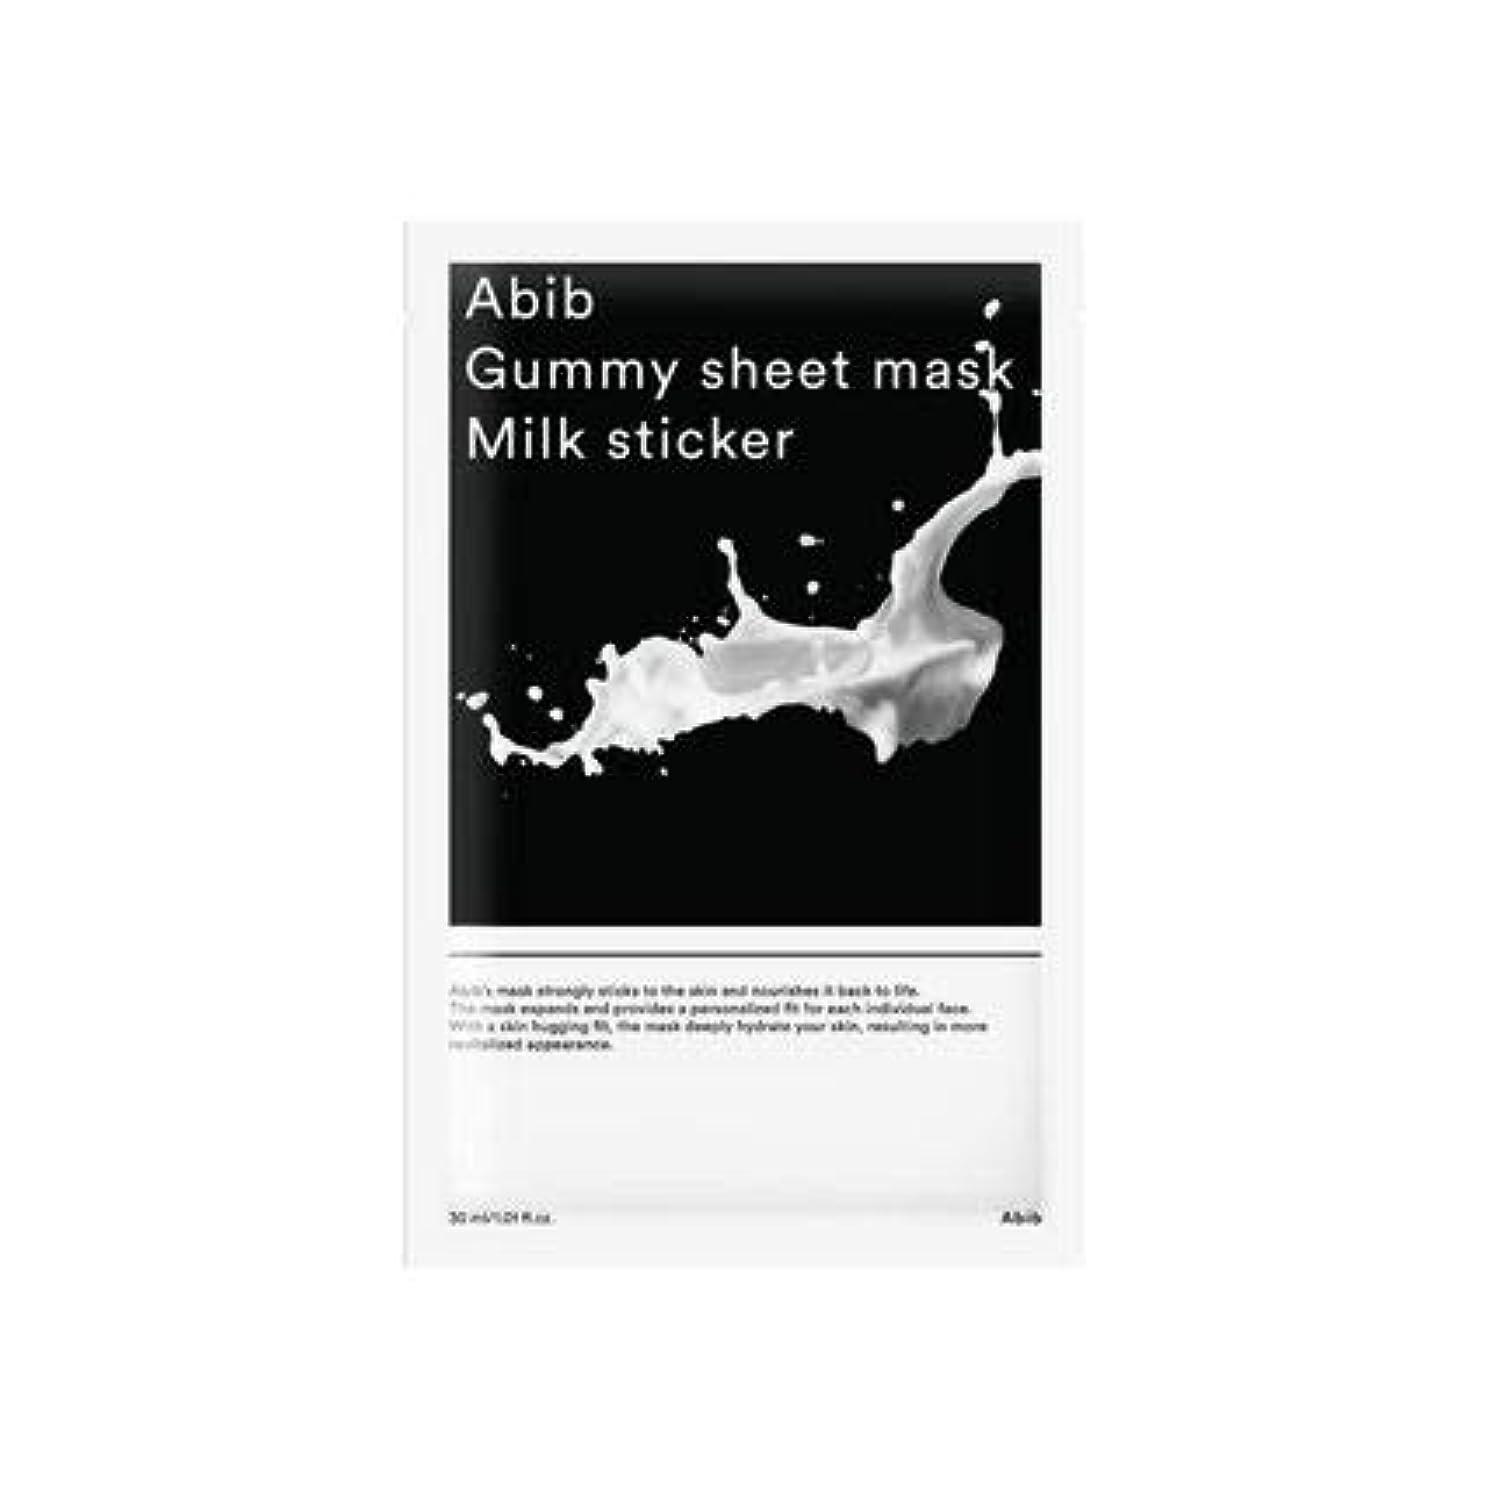 群れ瞑想的ドレス[Abib] アイブガムのくるみシートマスクミルクステッカー 30mlx10枚 / ABIB GUMMY SHEET MASK MILK STICKER 30mlx10EA [並行輸入品]